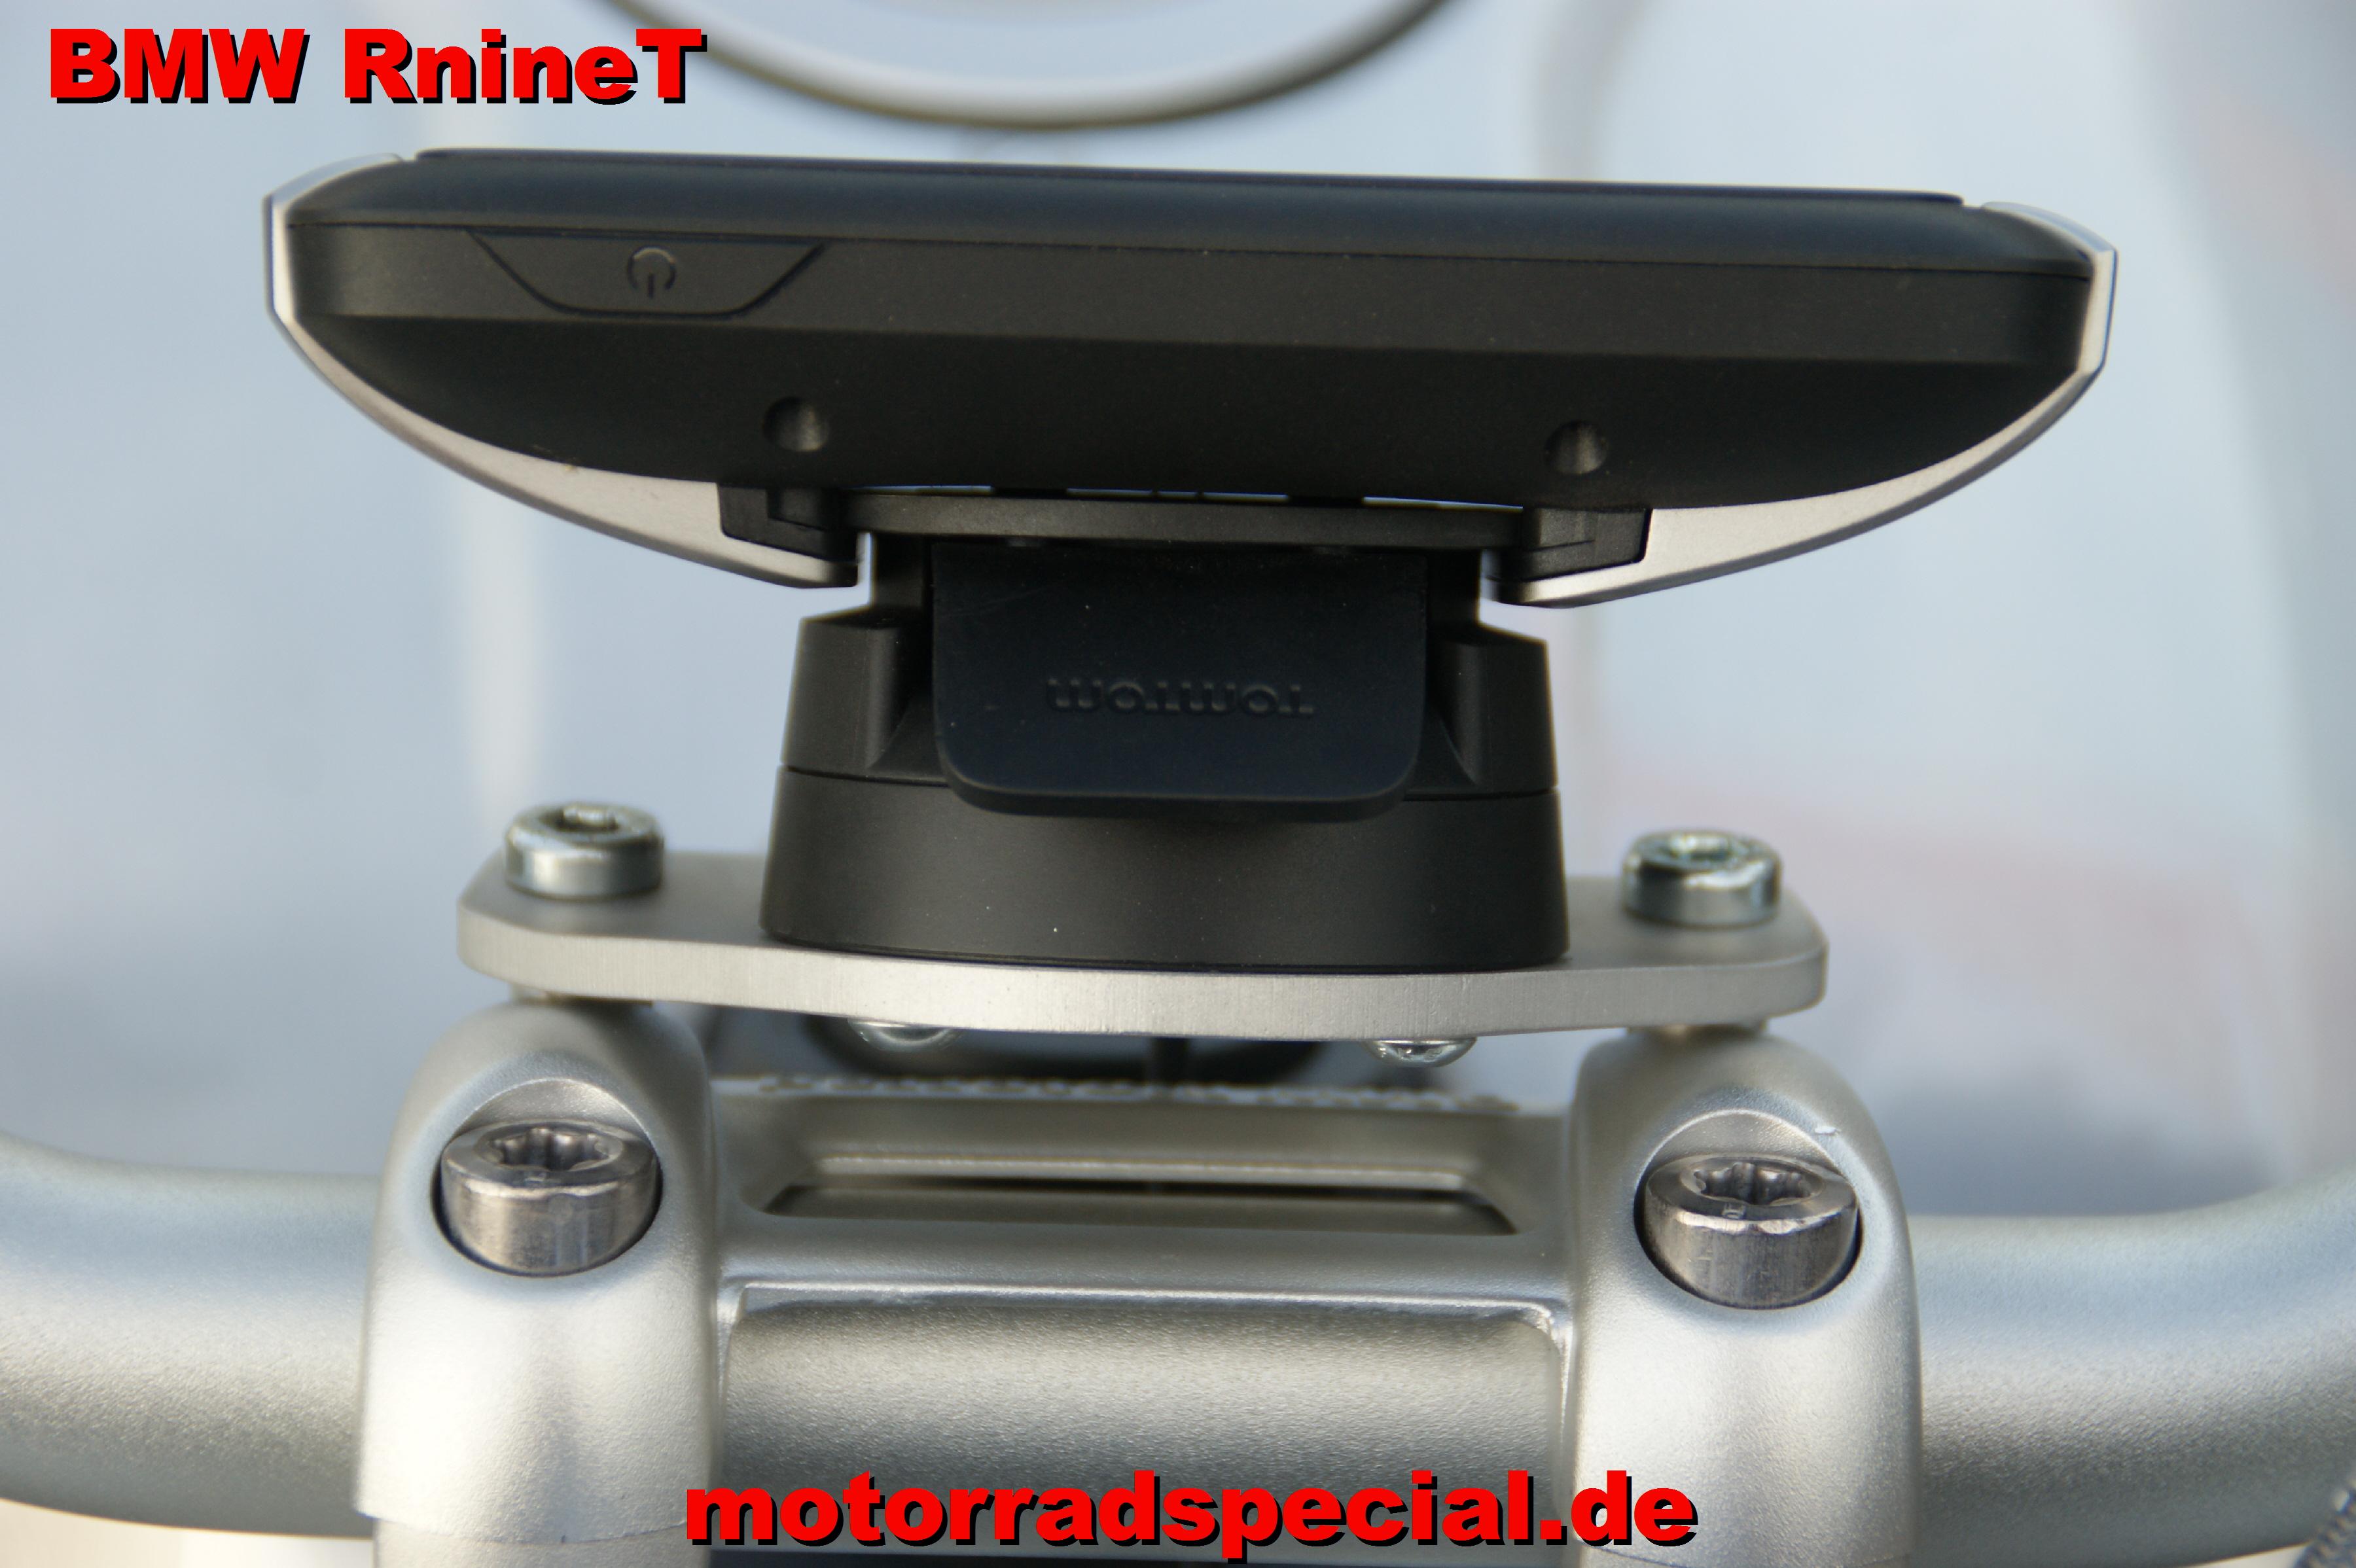 BMW_RnineT_Navigationshalter_Navihalter_Navihalterung